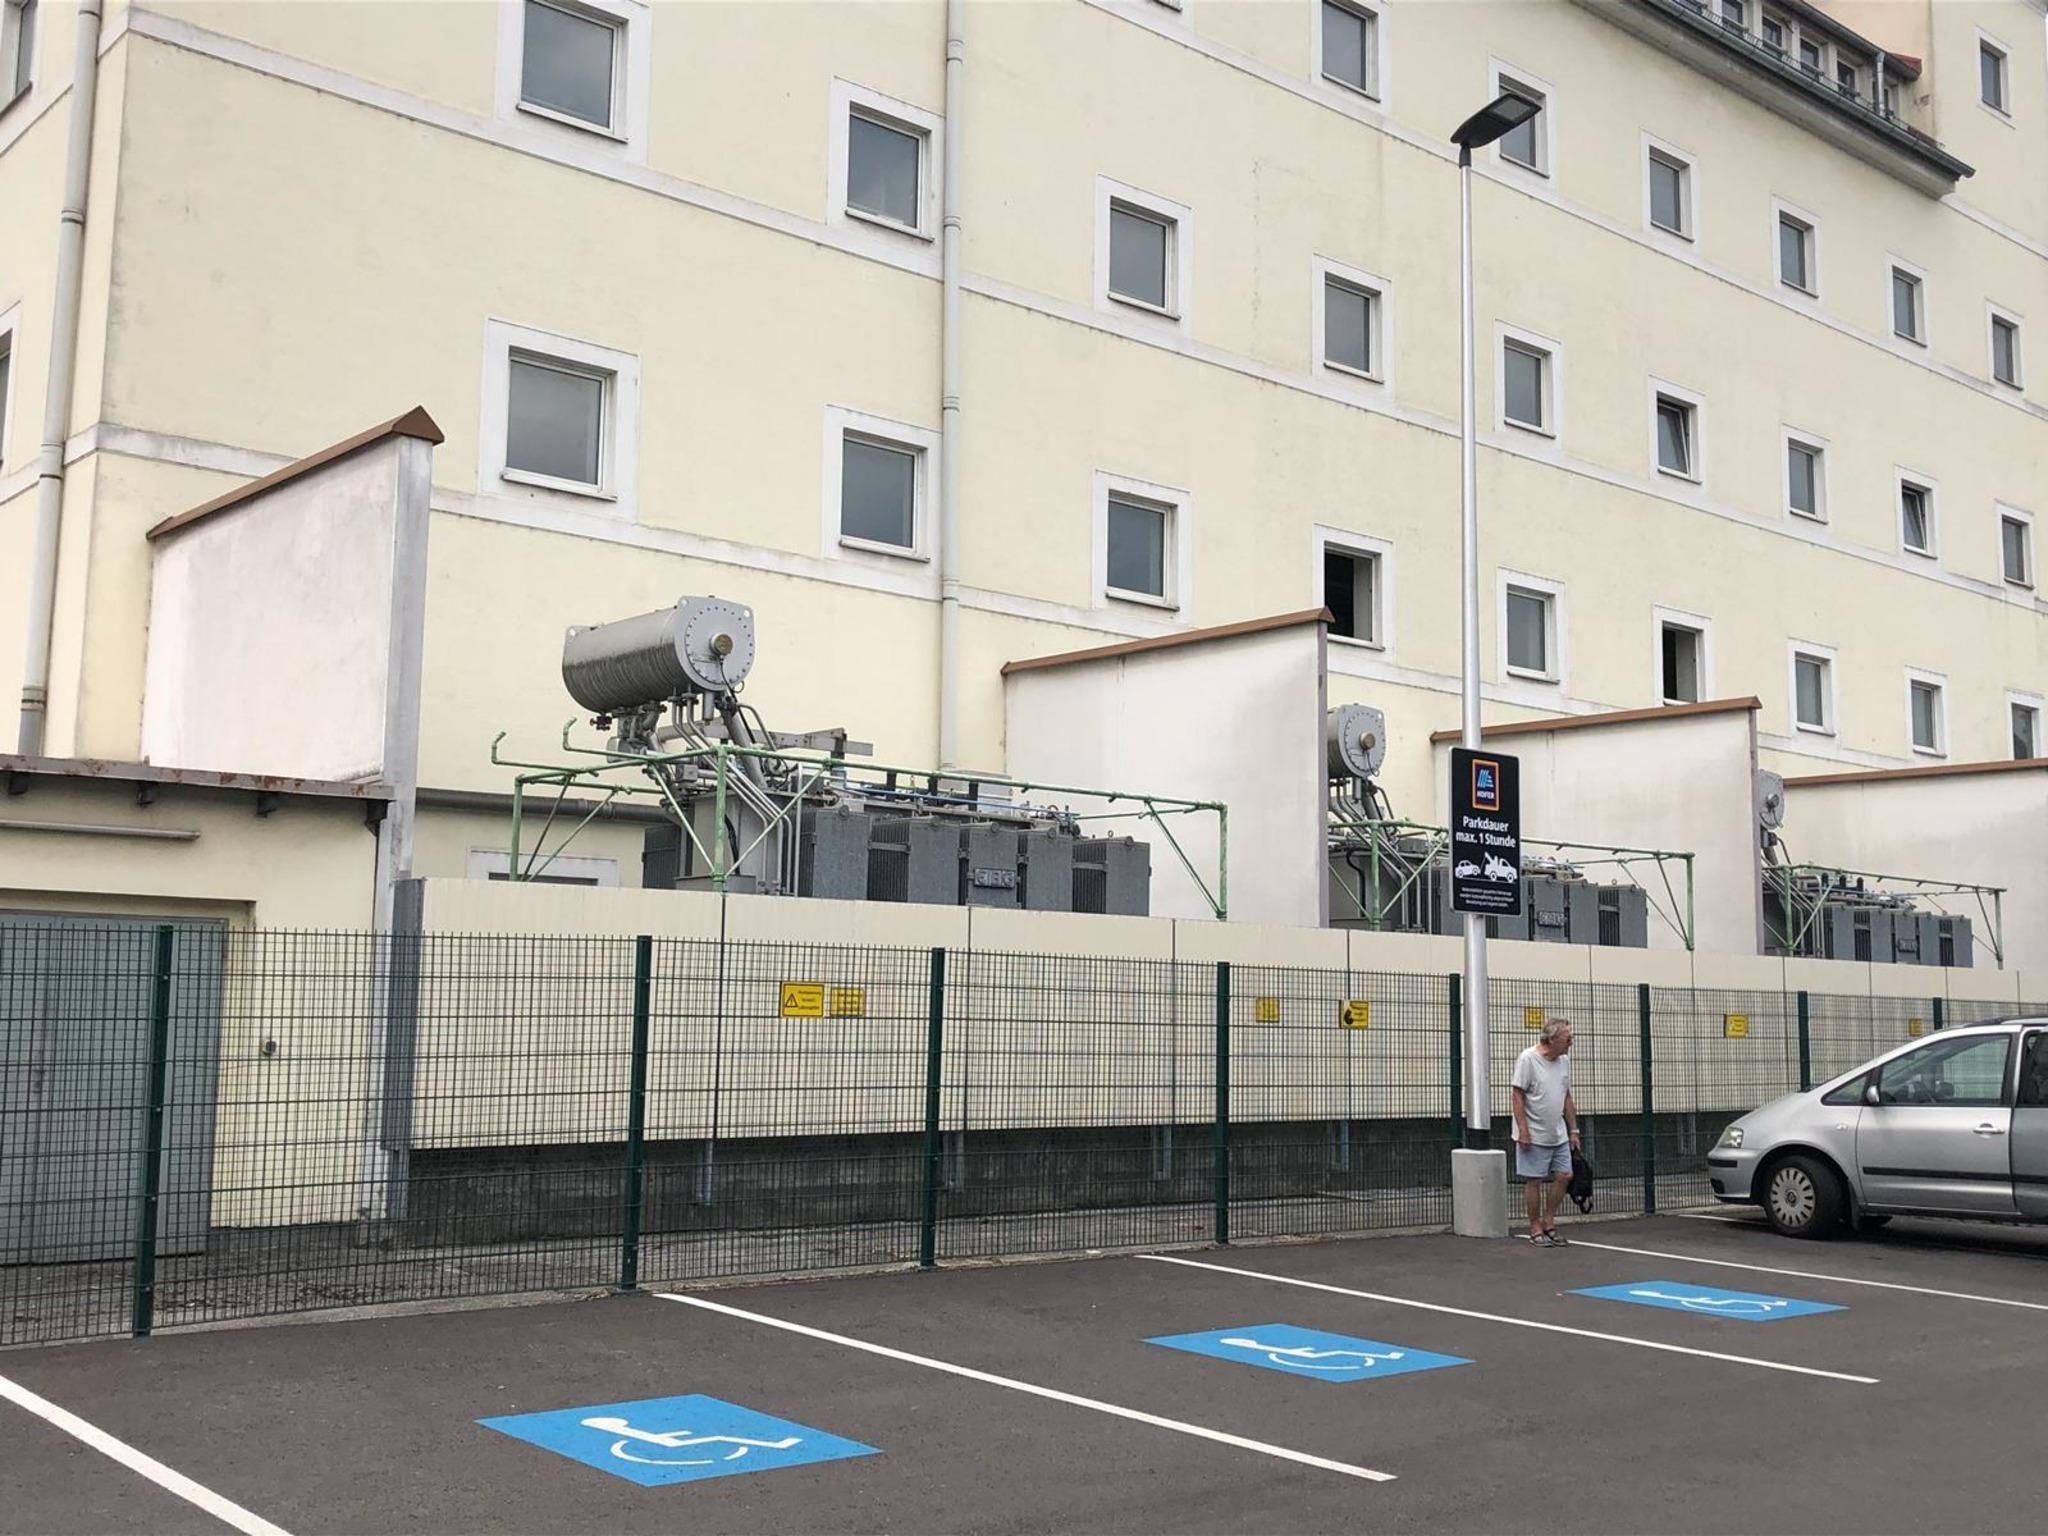 Stromausfall In Linzer City Und Plötzlich War Das Licht Aus Linz